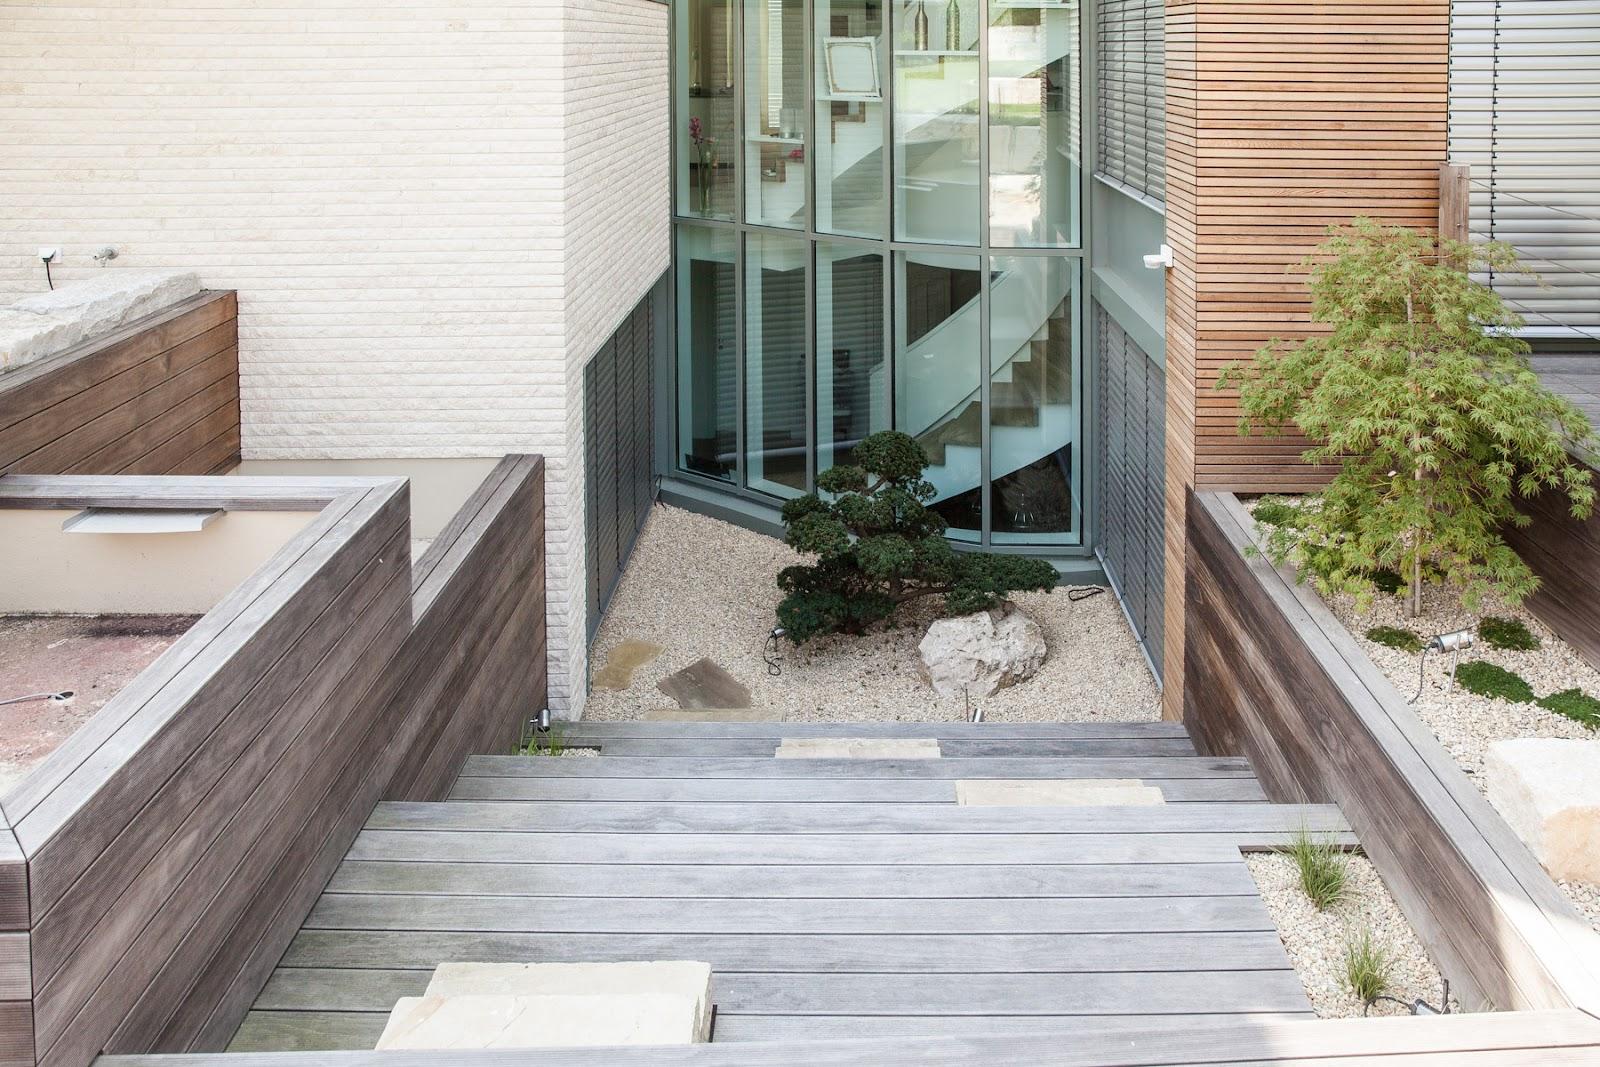 Bildet viser et eksempel på vedlikeholdsfritt terrassebord brukt i en trappetrinnskonstruksjon